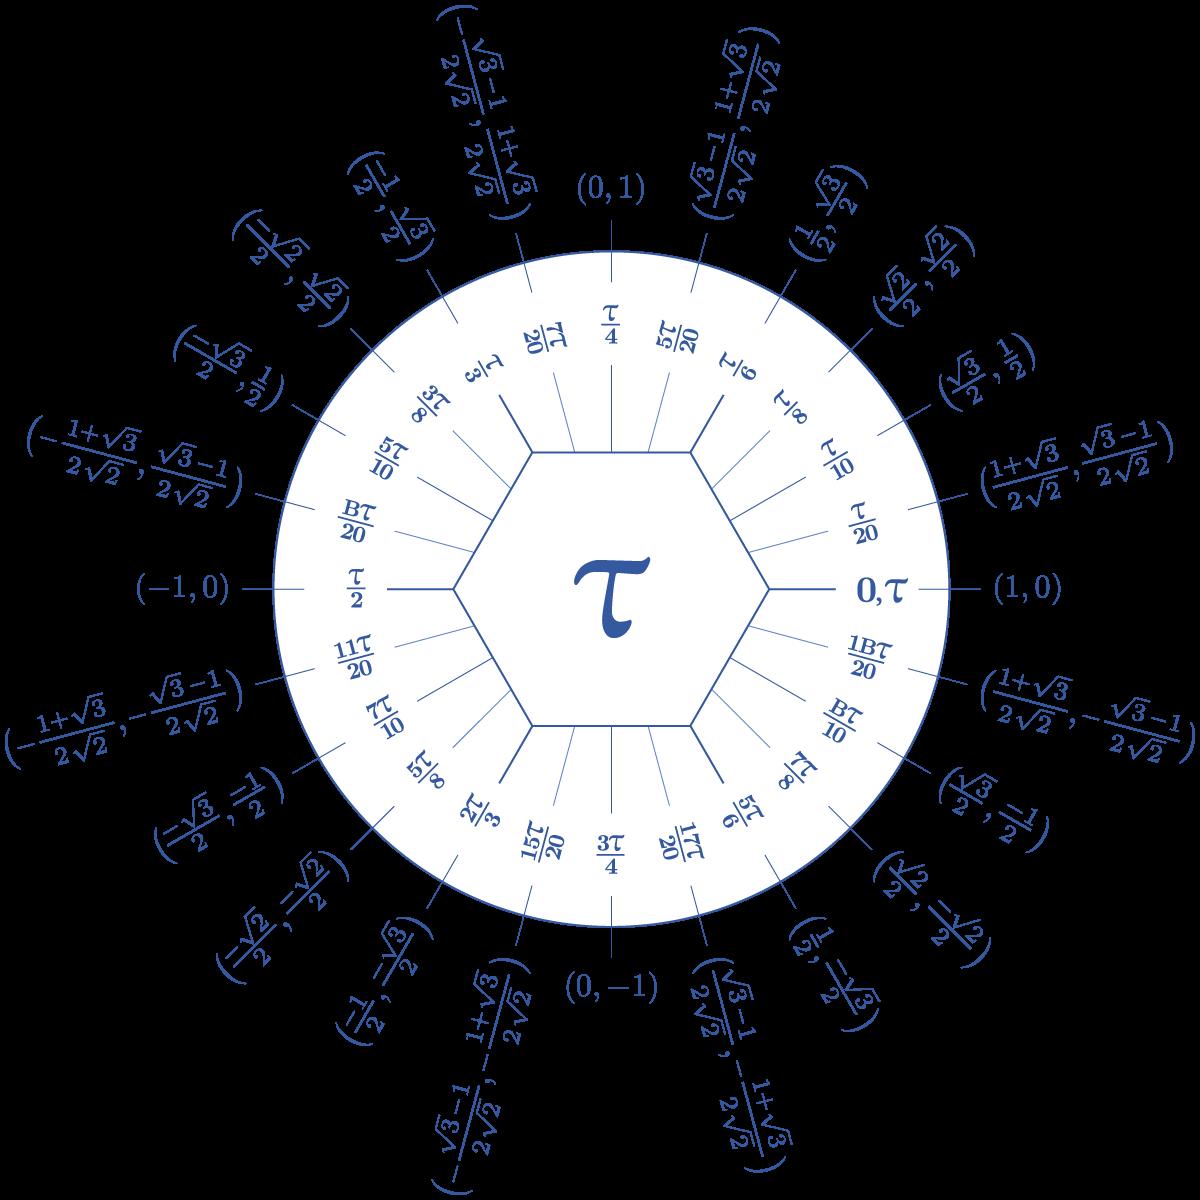 Dozenal tau unit circle | Hexnet